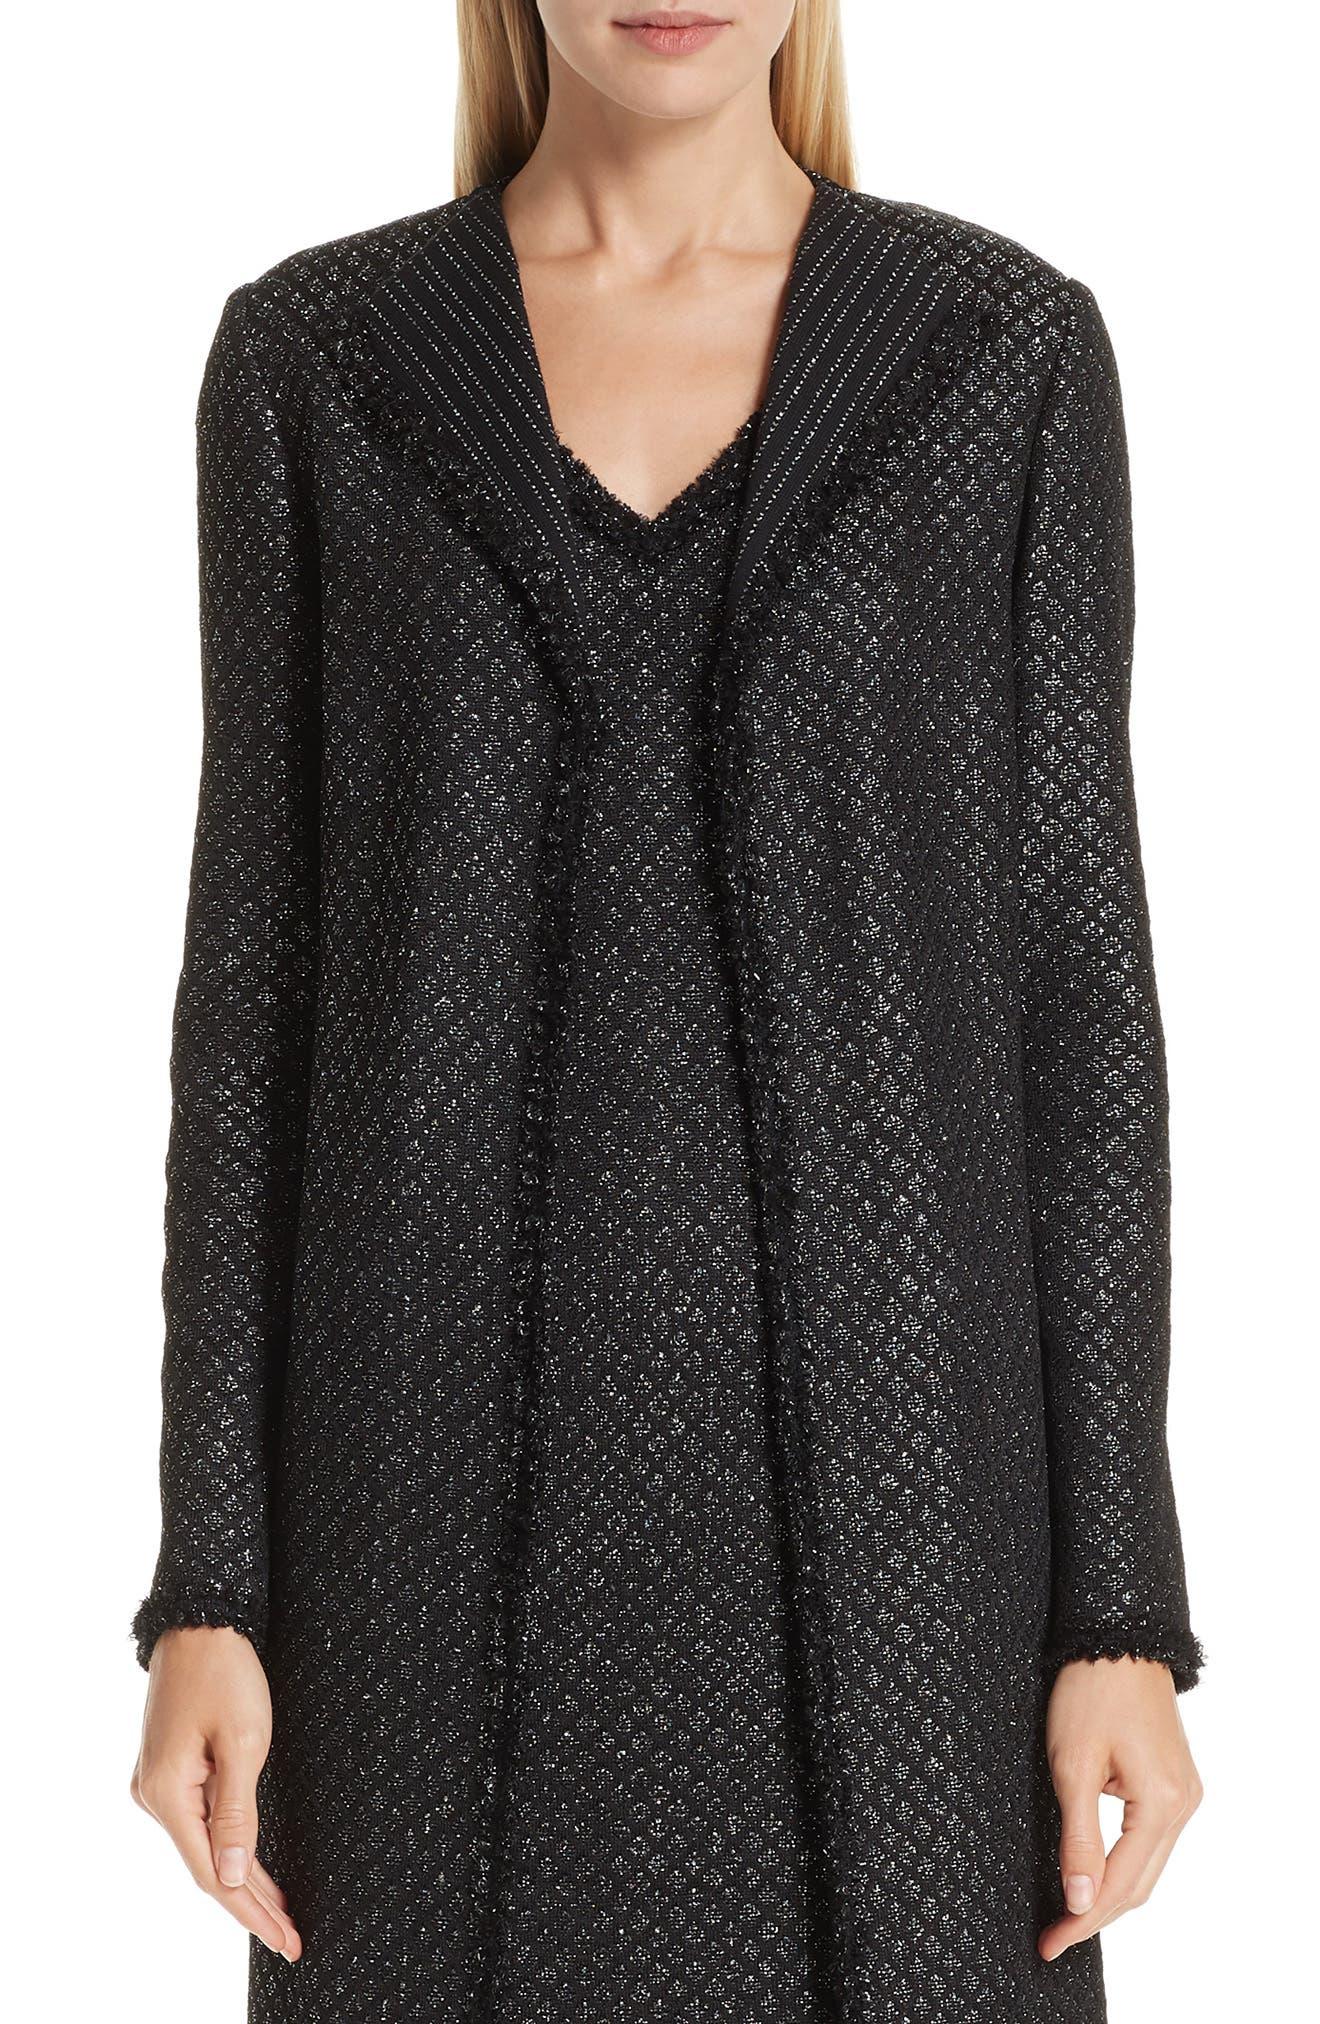 Shimmer Inlay Brocade Knit Jacket,                             Main thumbnail 1, color,                             CAVIAR/ SILVER